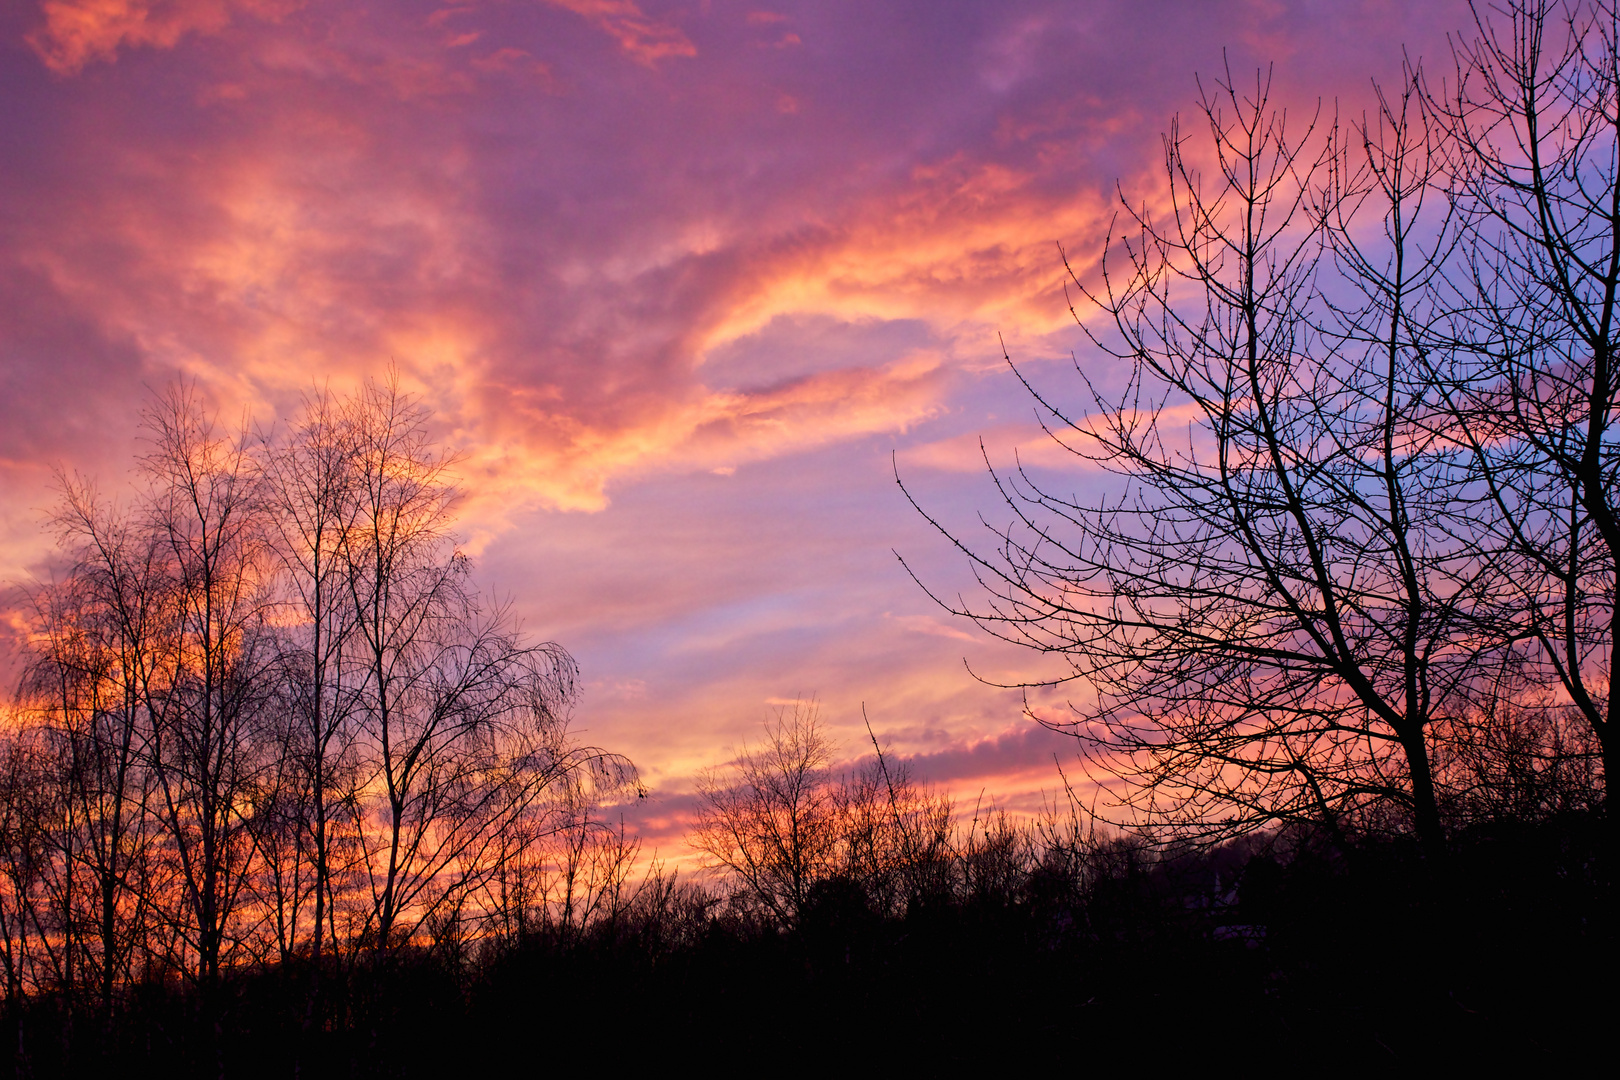 Sonnenuntergang April 2014